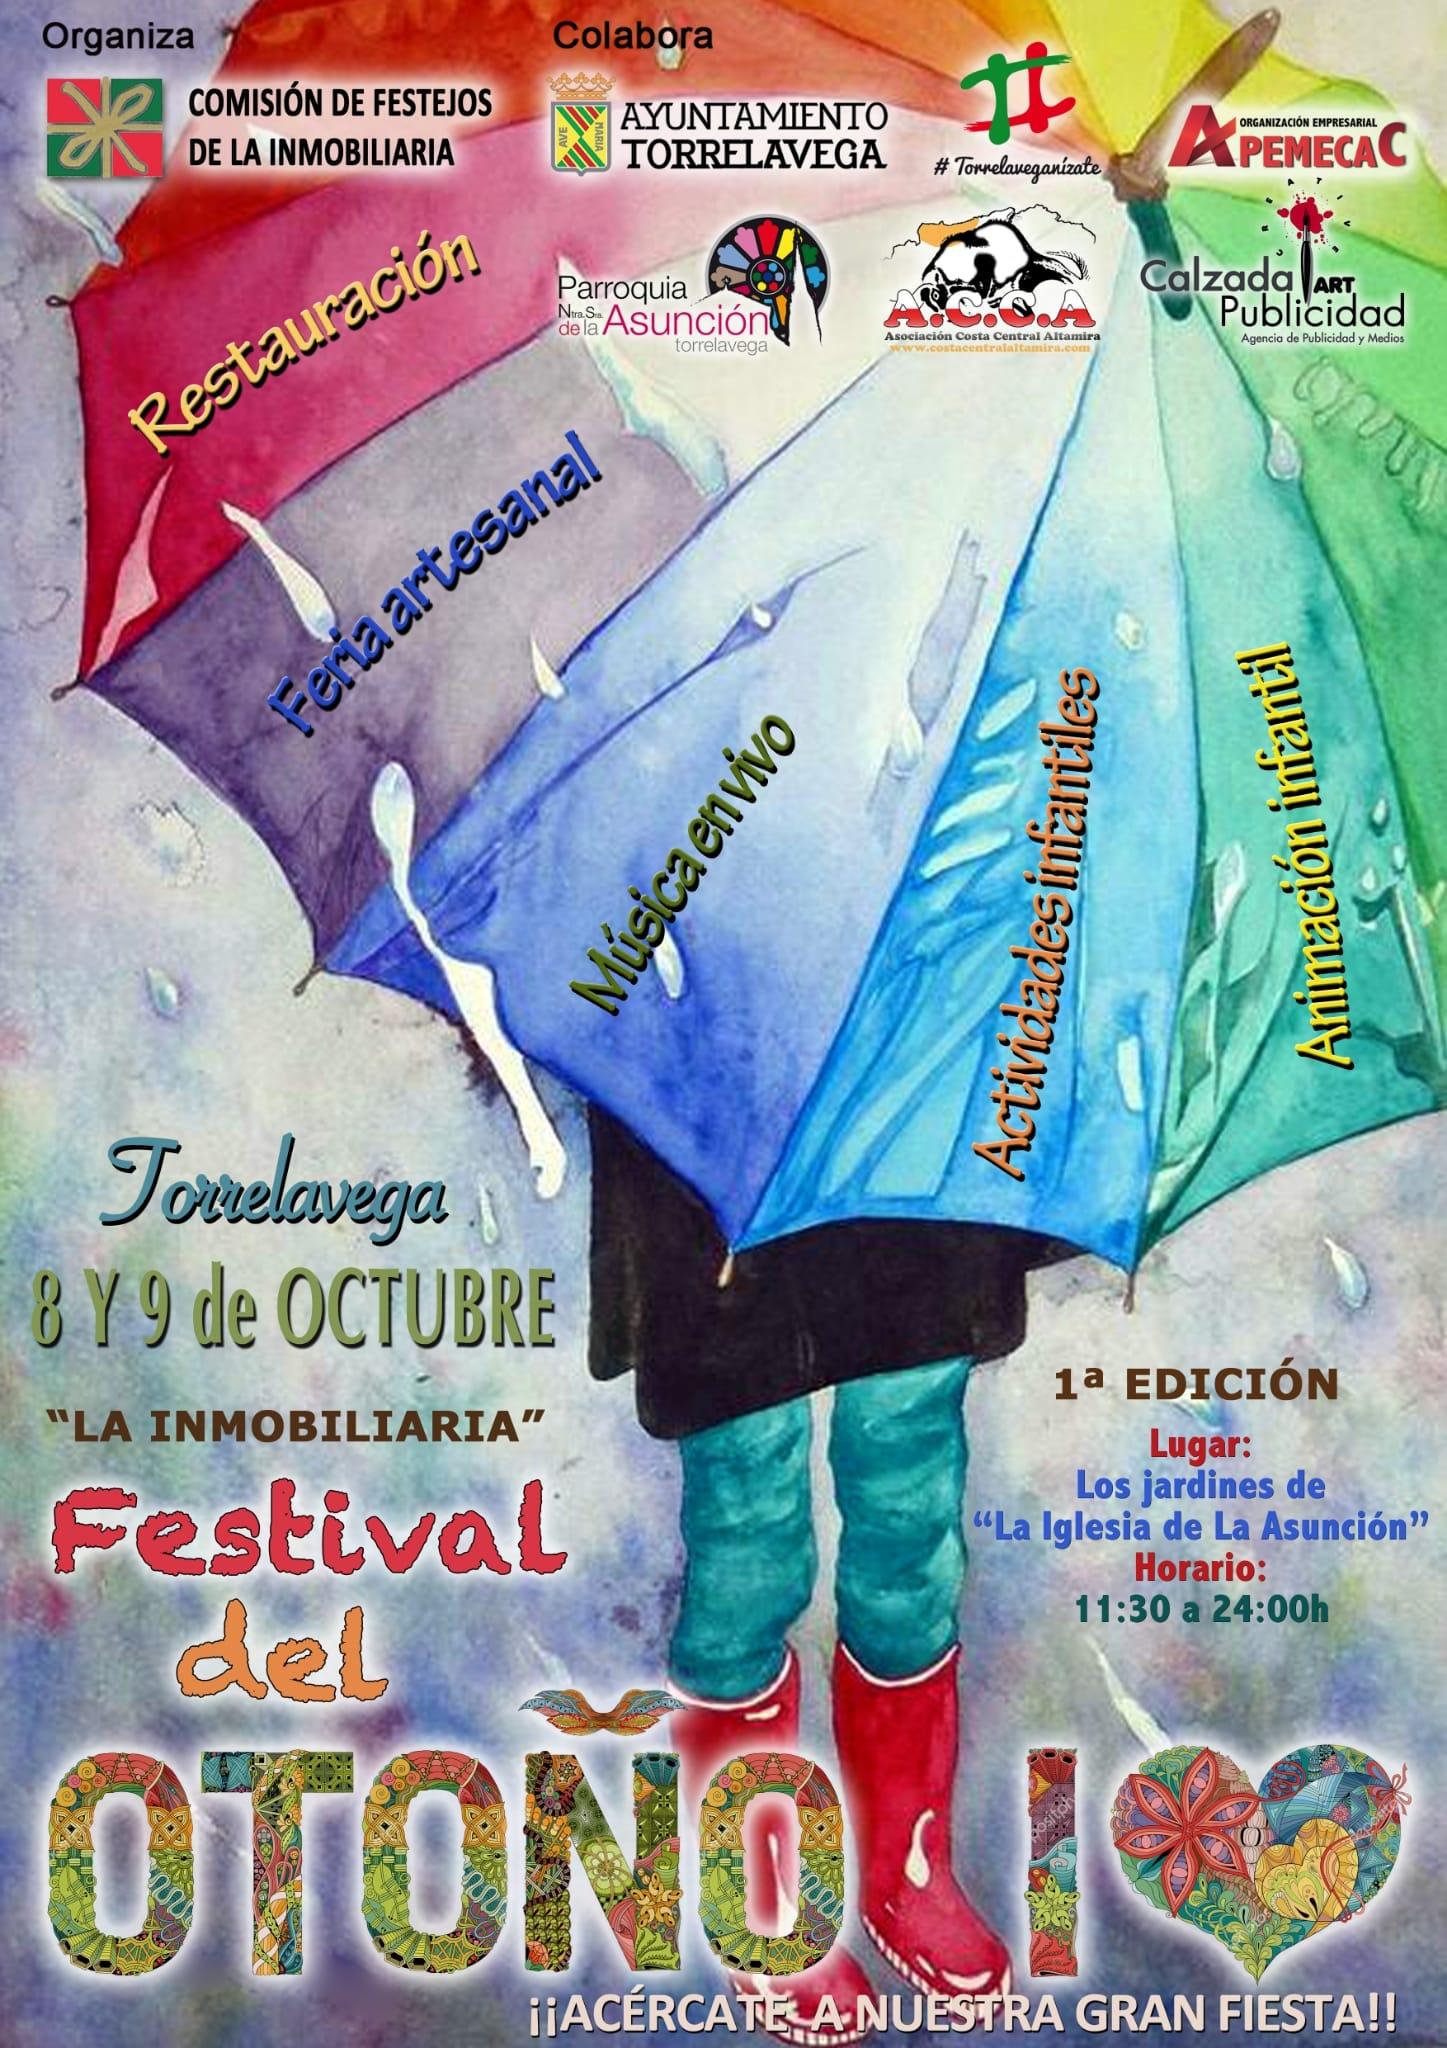 Festival del Otoño - Torrelavega. Feria de Artesanía, restauración. Actuaciones. Actividades con niños. 8 y 9 de Octubre